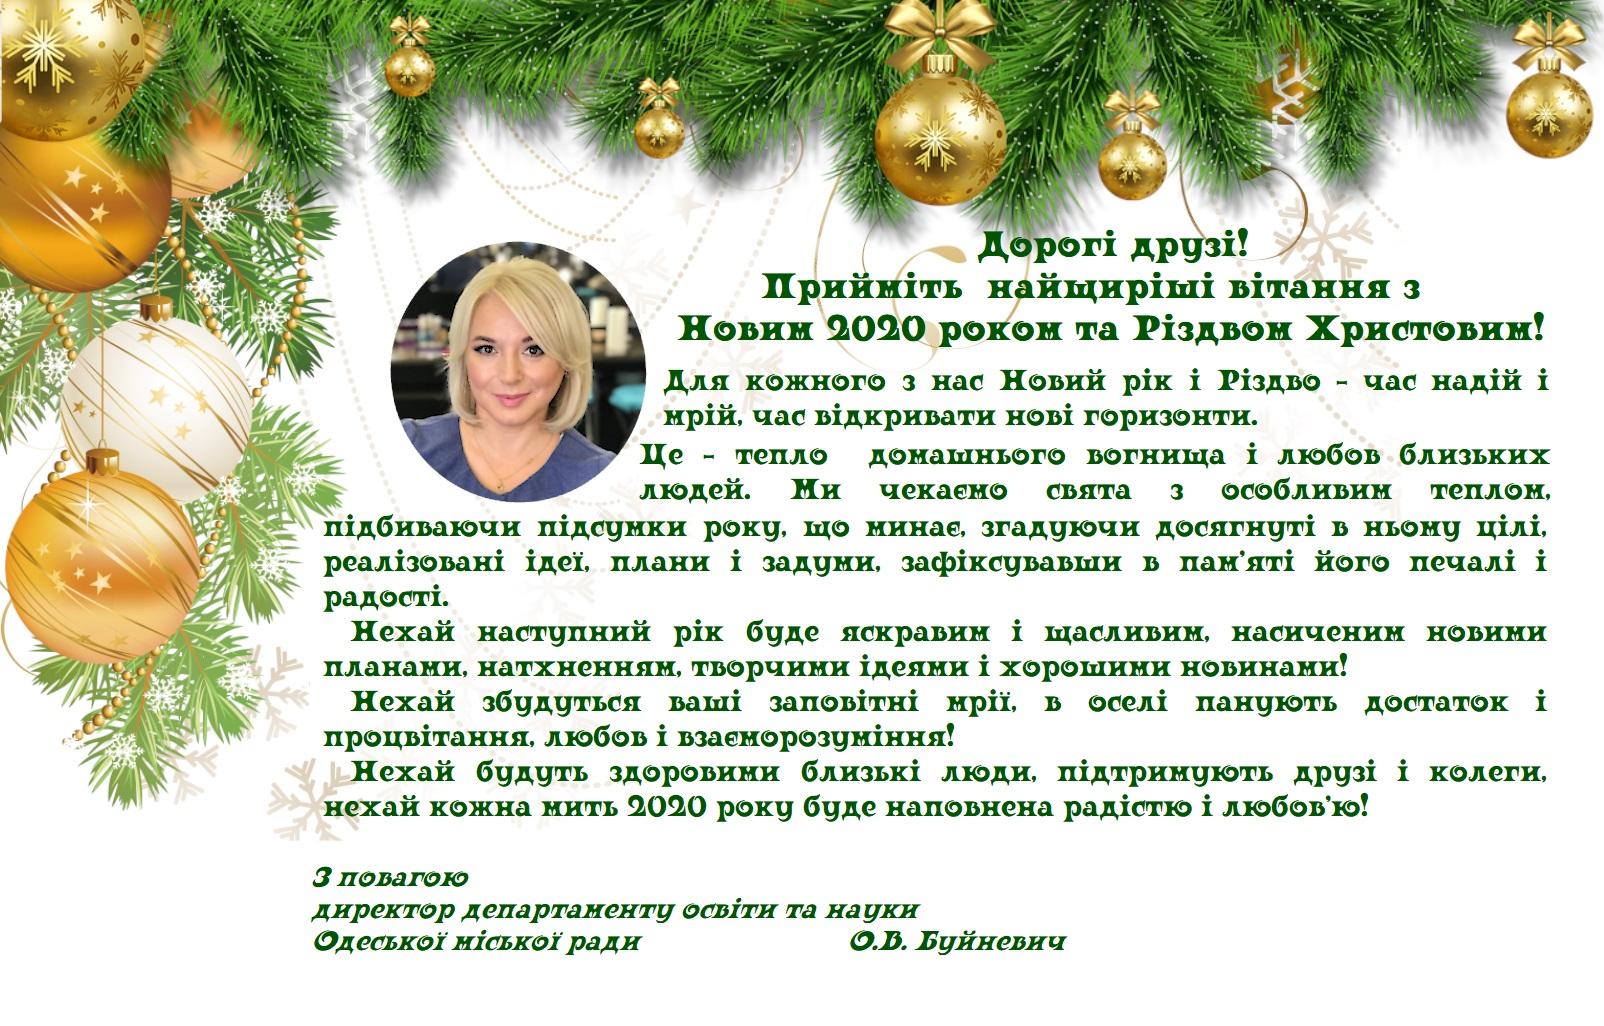 Вітання директора департаменту з Новим 2020 роком та Різдвом Христовим